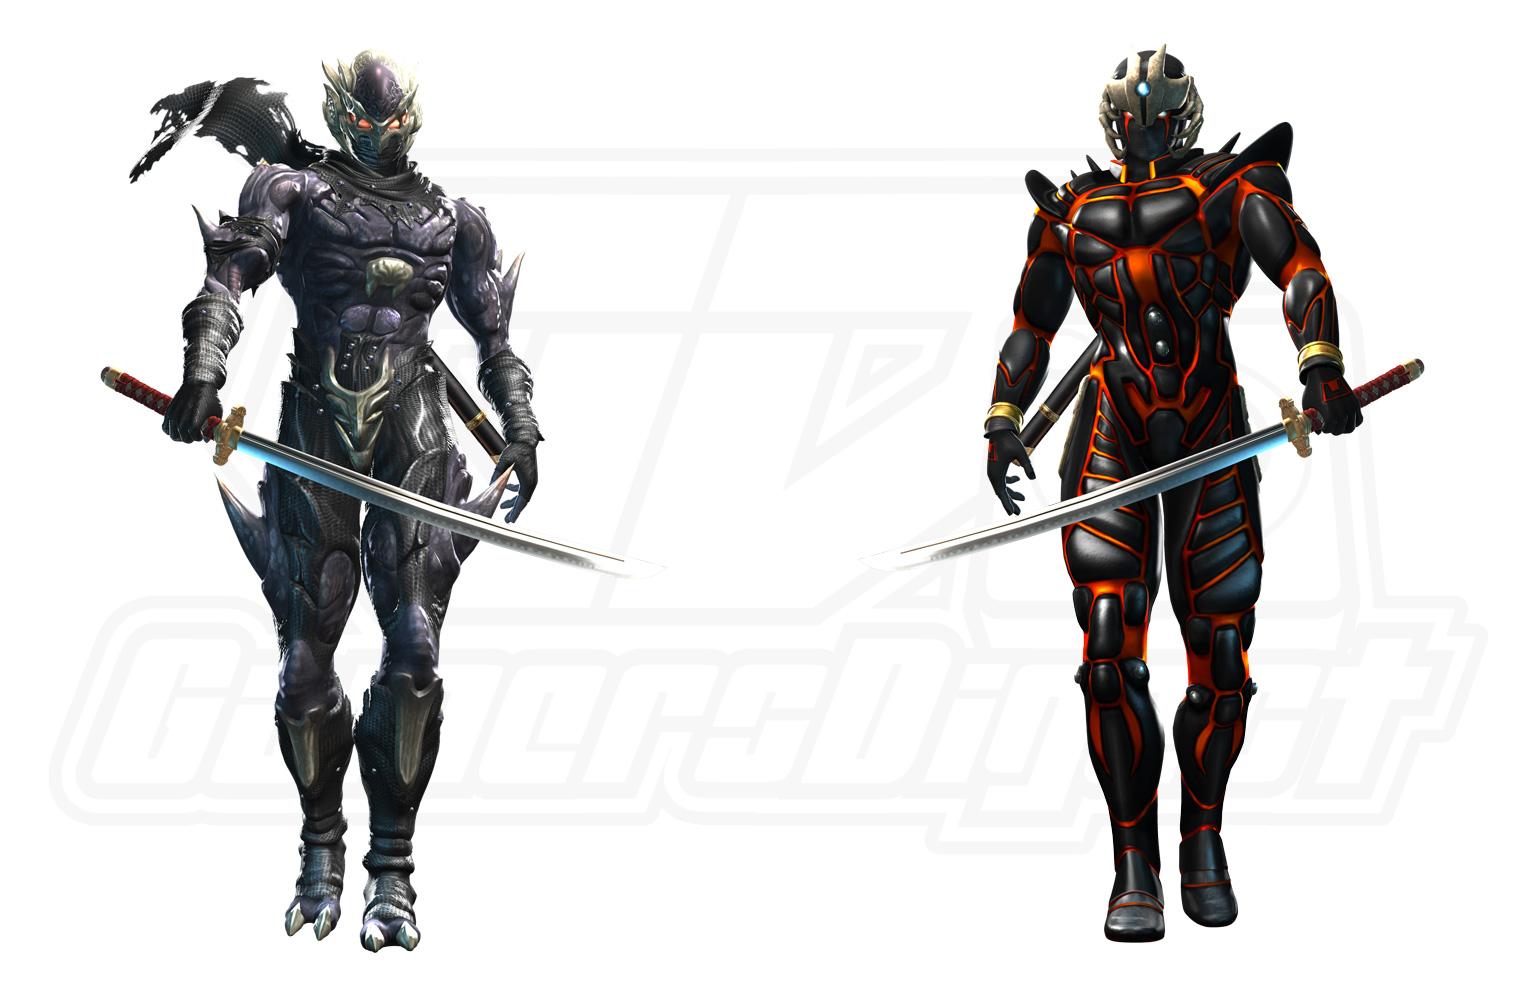 Ninja Gaiden The Fiend Hayabusa Minitokyo